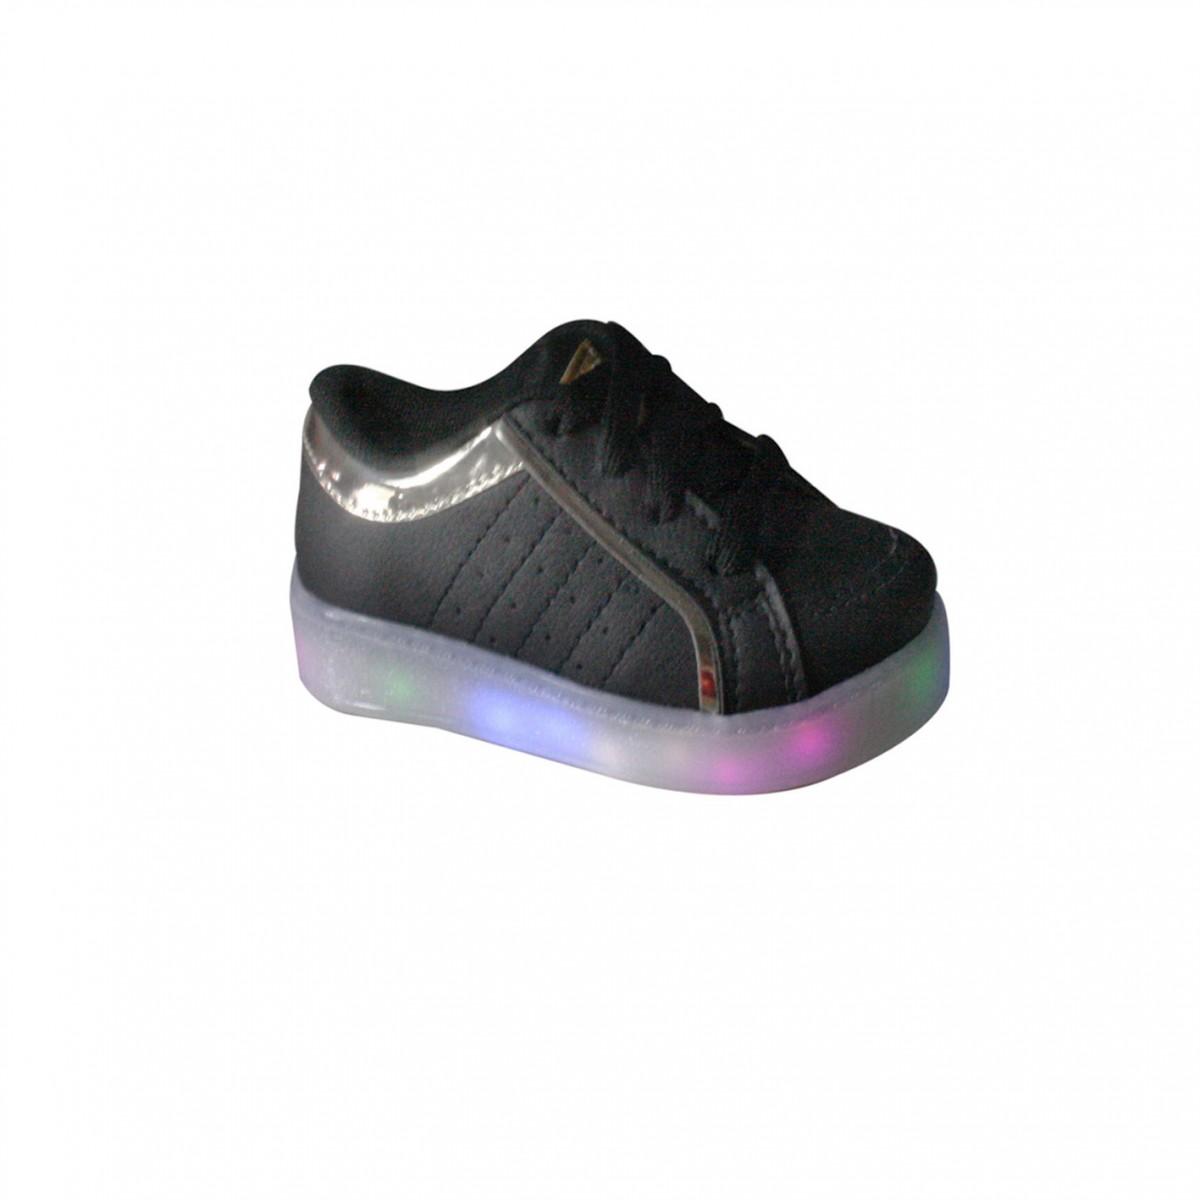 01353c8aab1 Tênis Infantil Brink Com Led Light Color 38.021.002 Preto (Light Color)